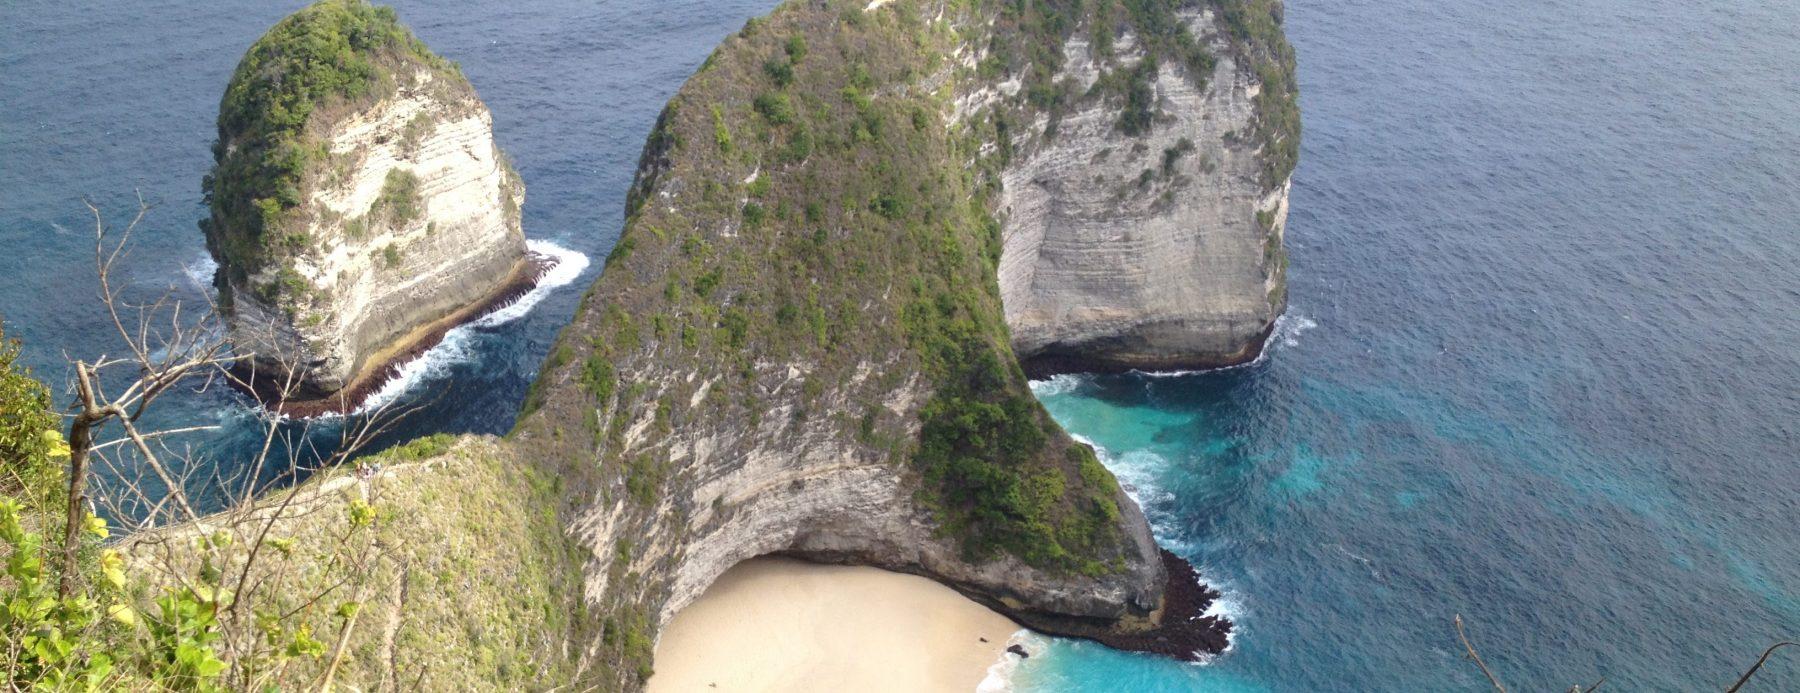 Nusa Penida - Kelingking Beach (10)